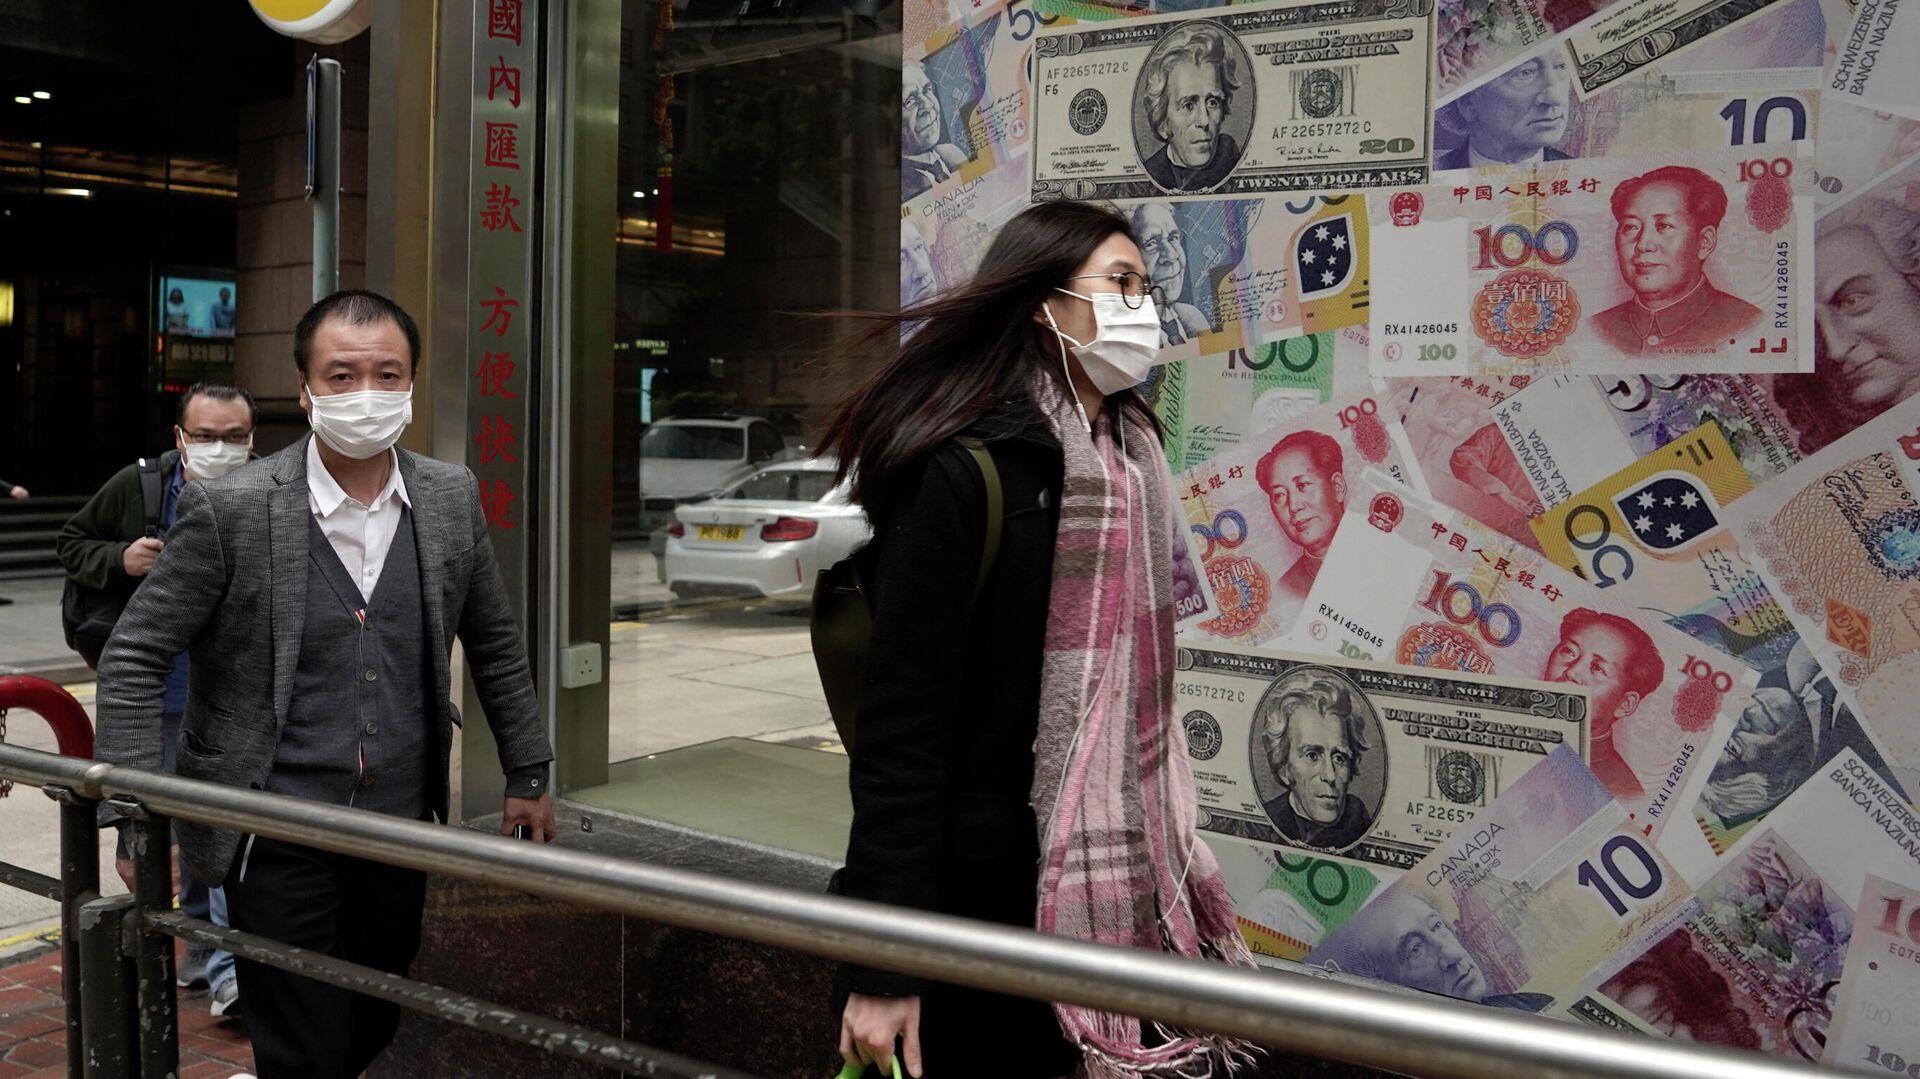 Люди в защитных масках проходят мимо пункта обмена валют в Гонконге - РИА Новости, 1920, 22.11.2020